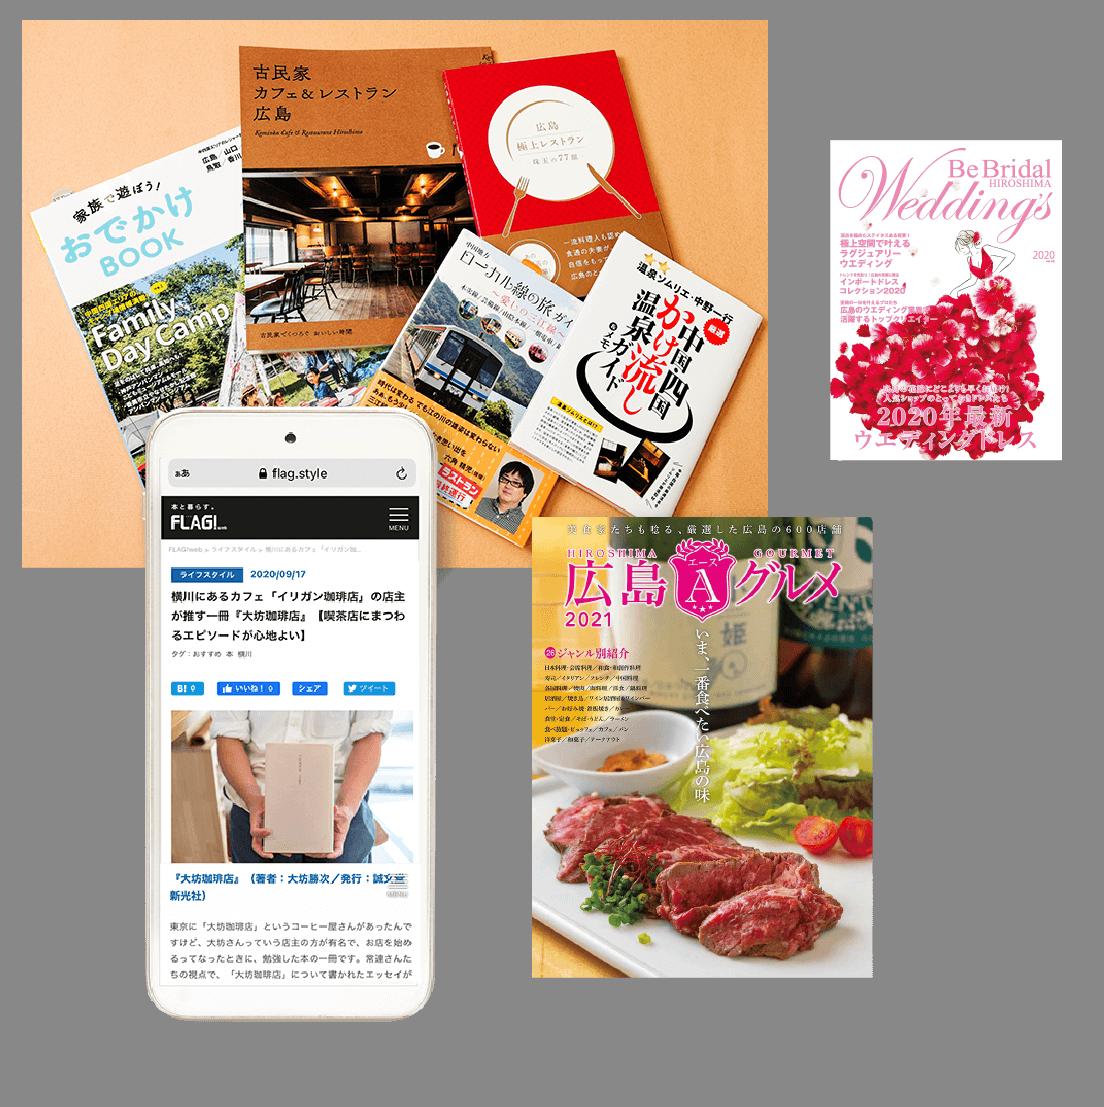 『広島エースグルメ』、広島のブライダル情報誌『Be Bridal Hiroshima Wedding's』、中国地方のおでかけ情報誌『家族で遊ぼう!おでかけBOOK』、『山口古民家カフェ&レストラン』など地域密着の情報誌と広島のライフスタイル情報を発信するWEBメディア「FLAG!web」